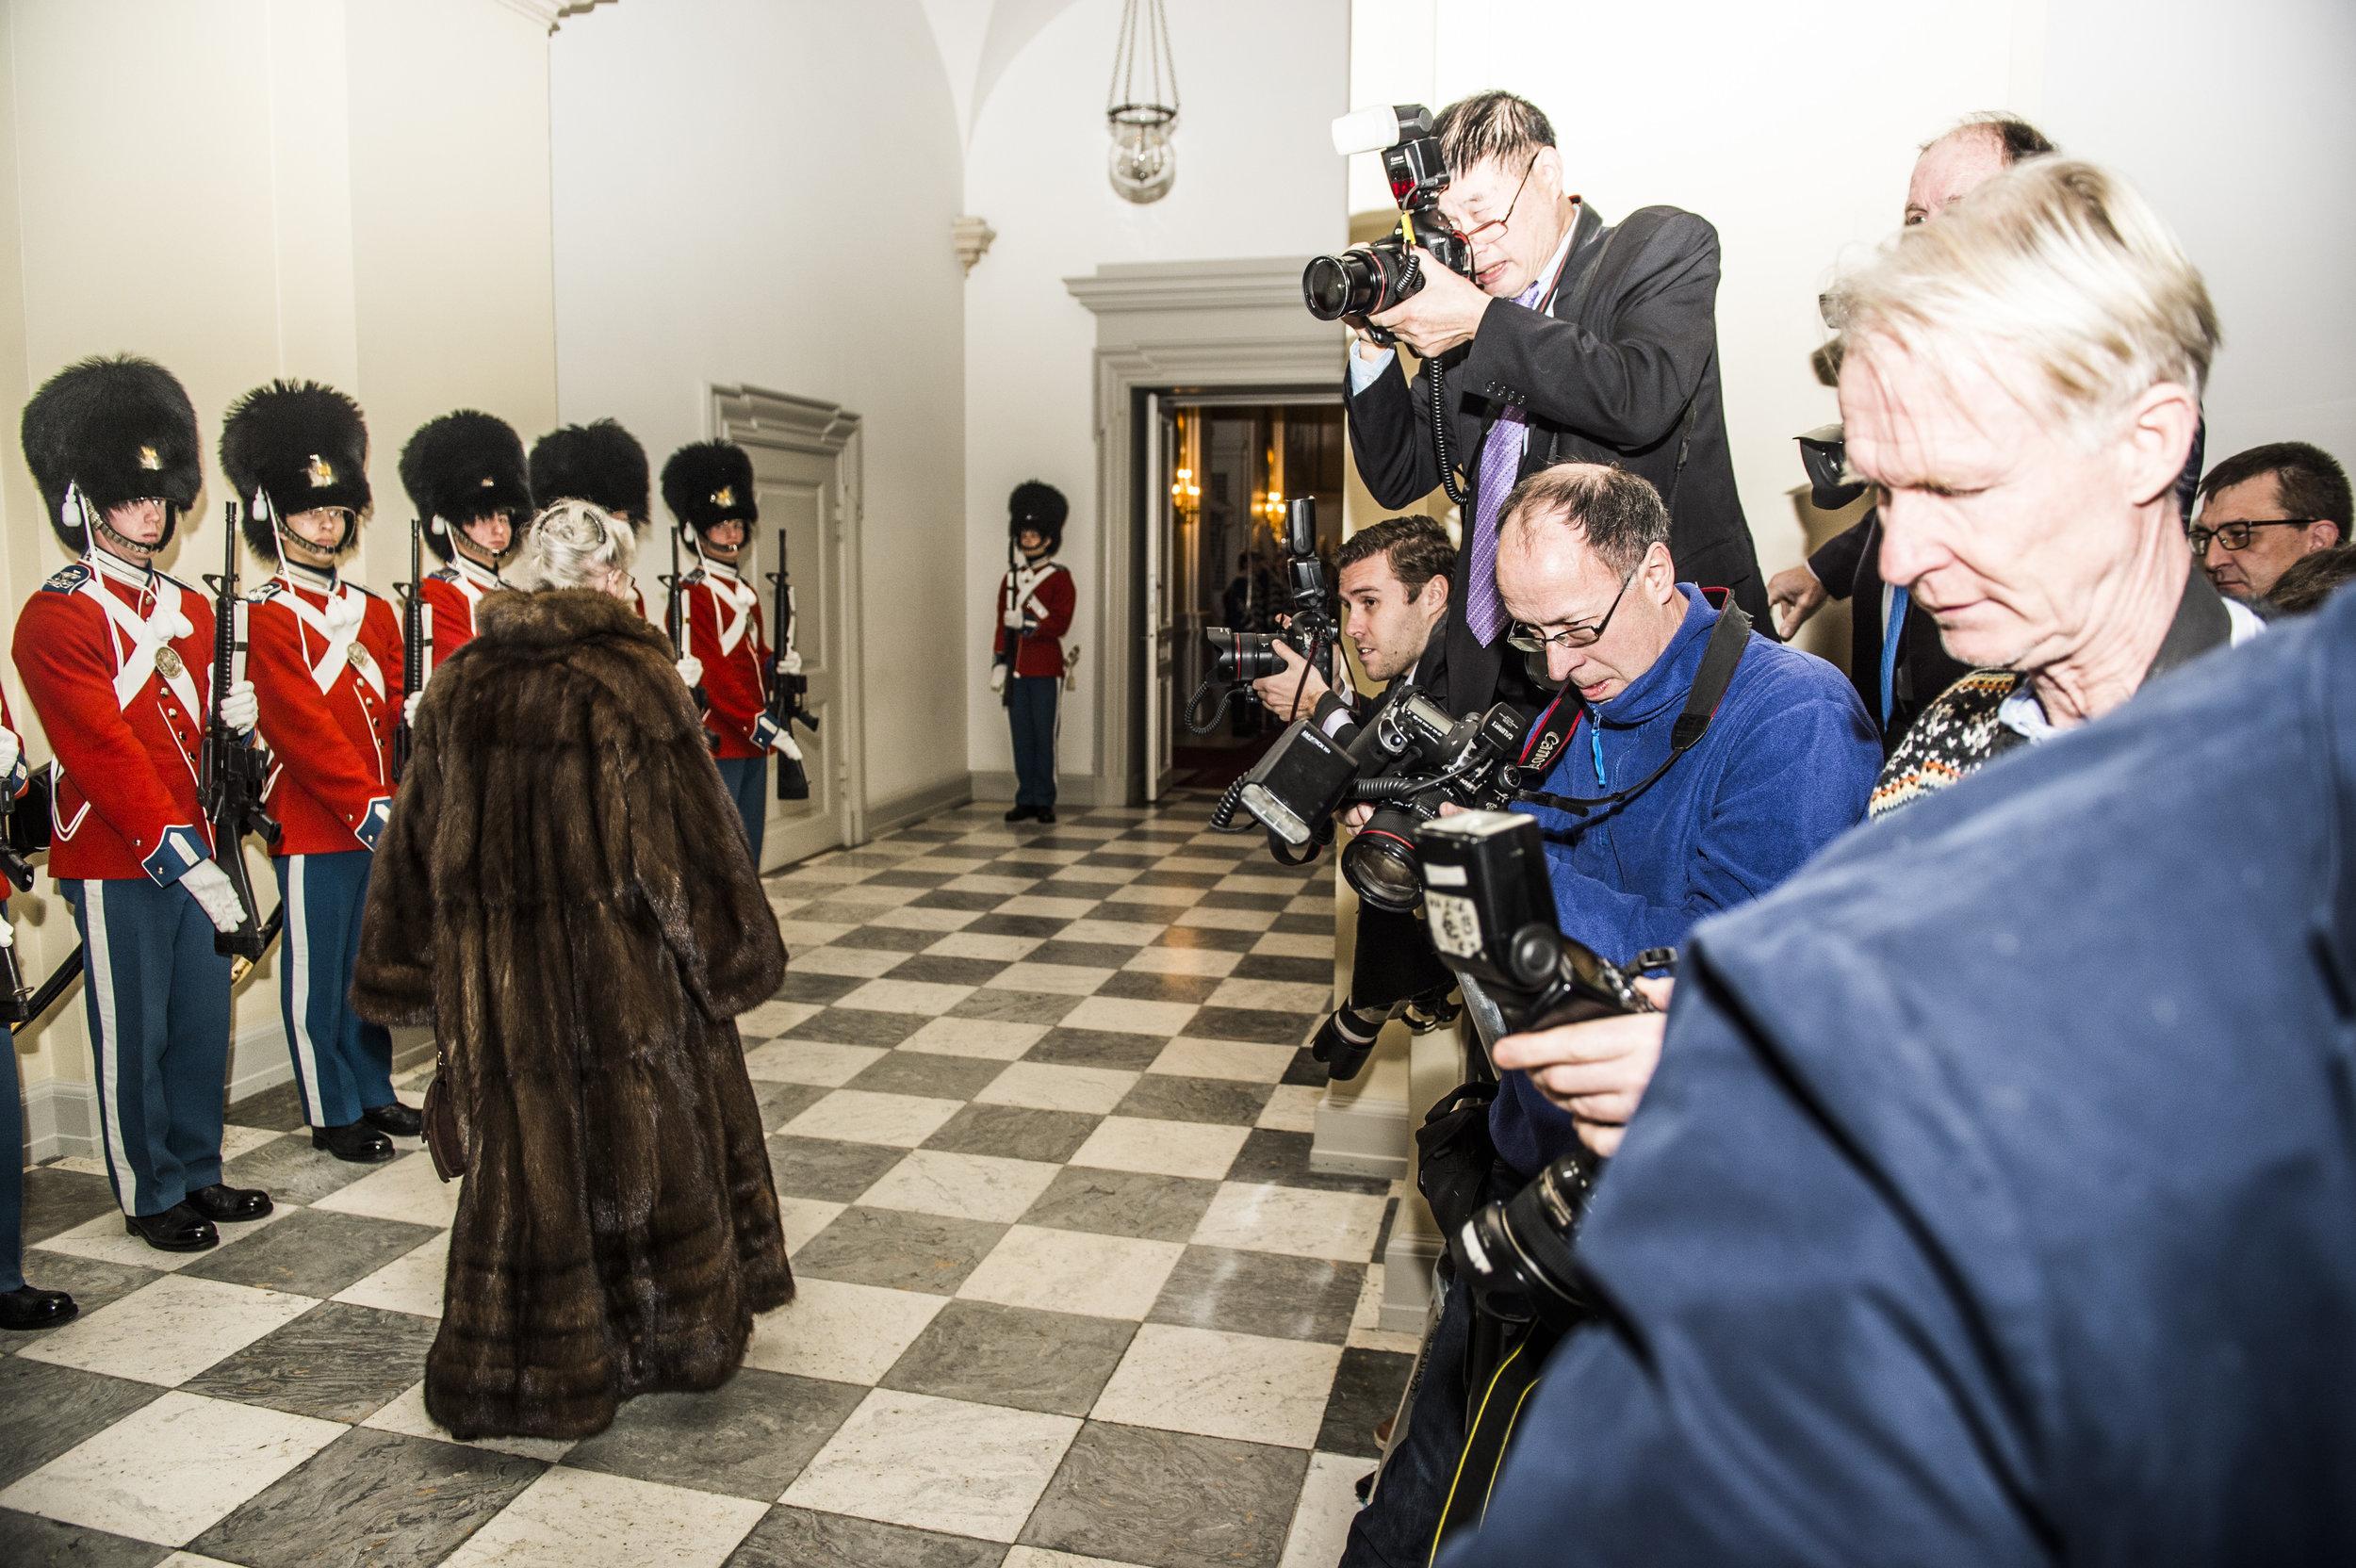 The Queen of Denmark